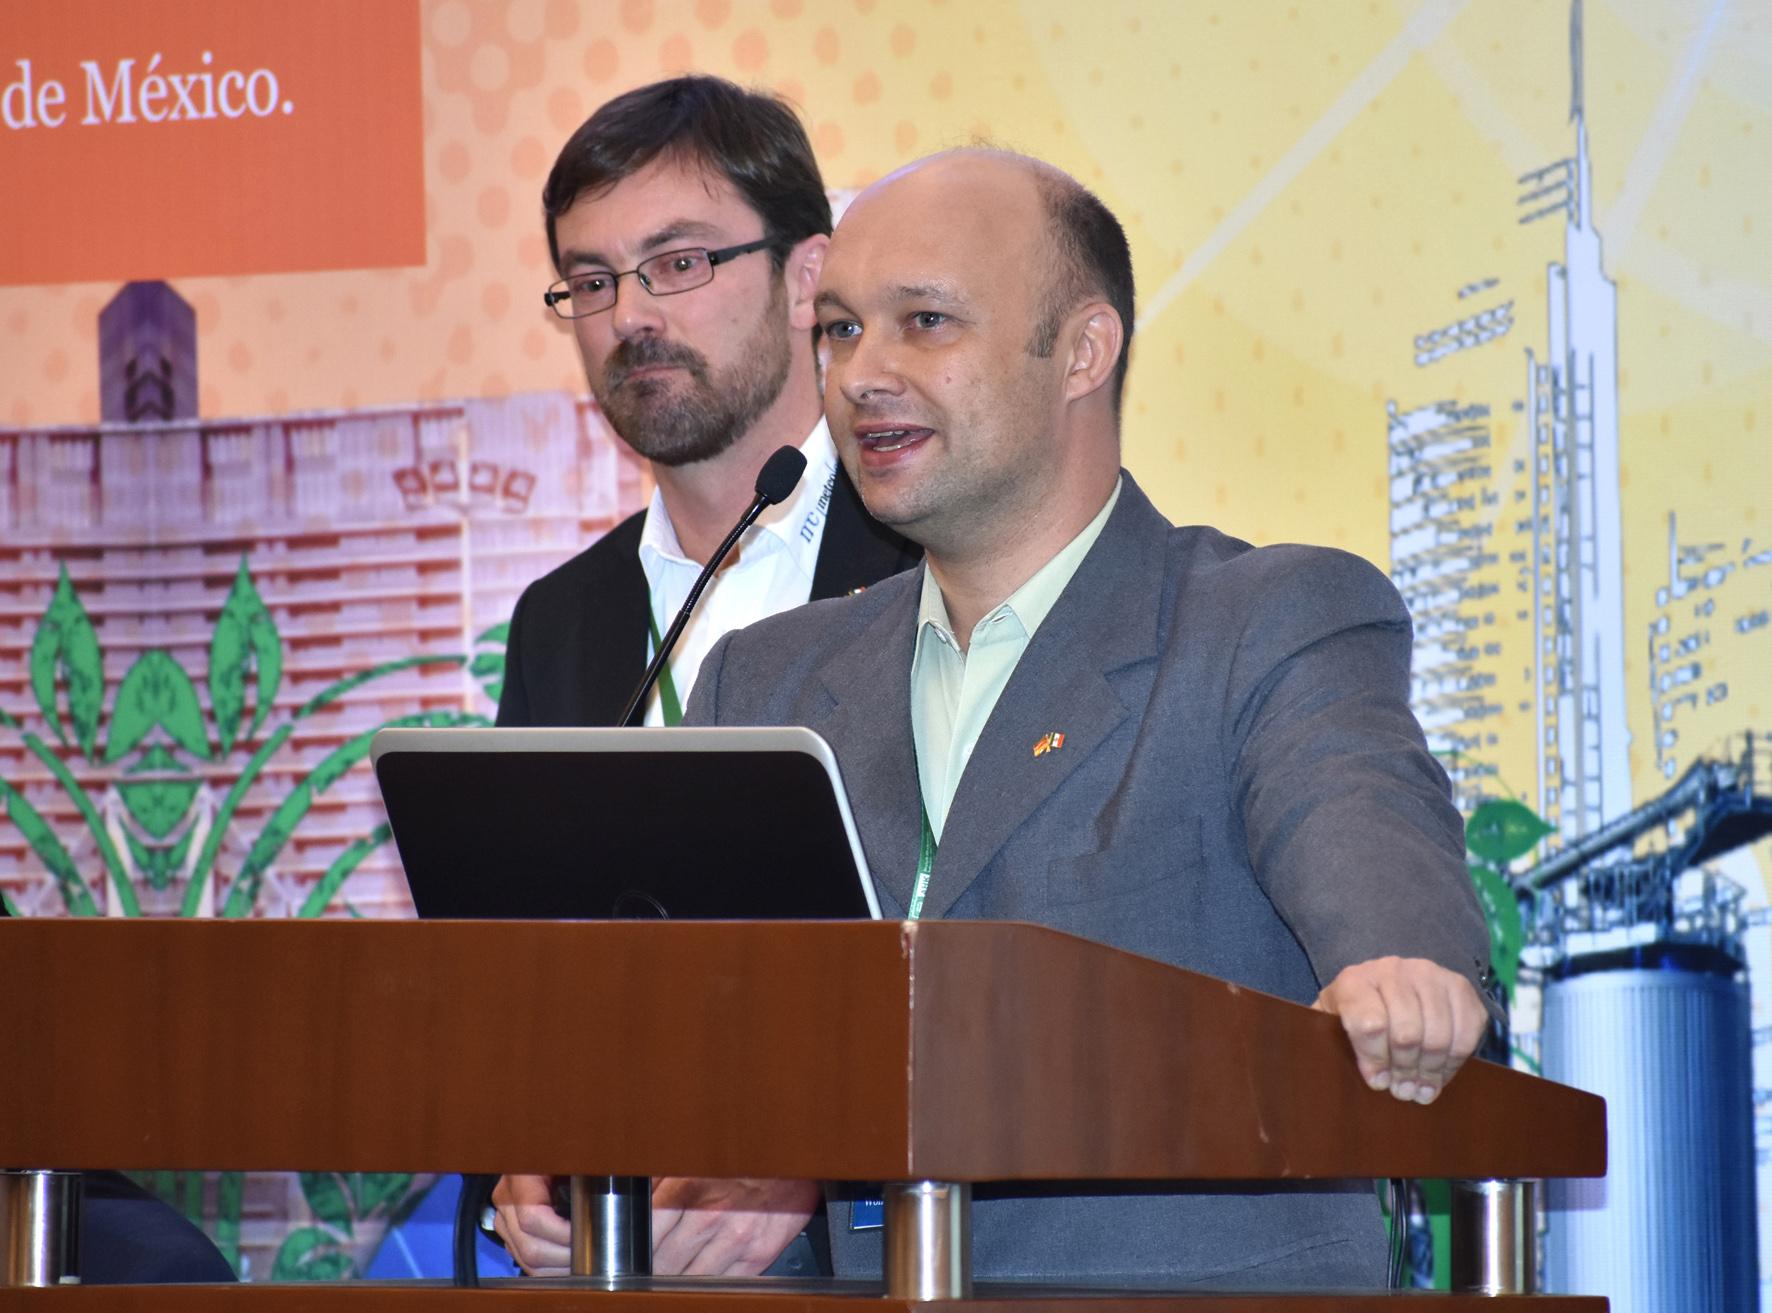 meteocontrol gründet Joint Venture für PV-Markt in Mexiko und Zentralamerika